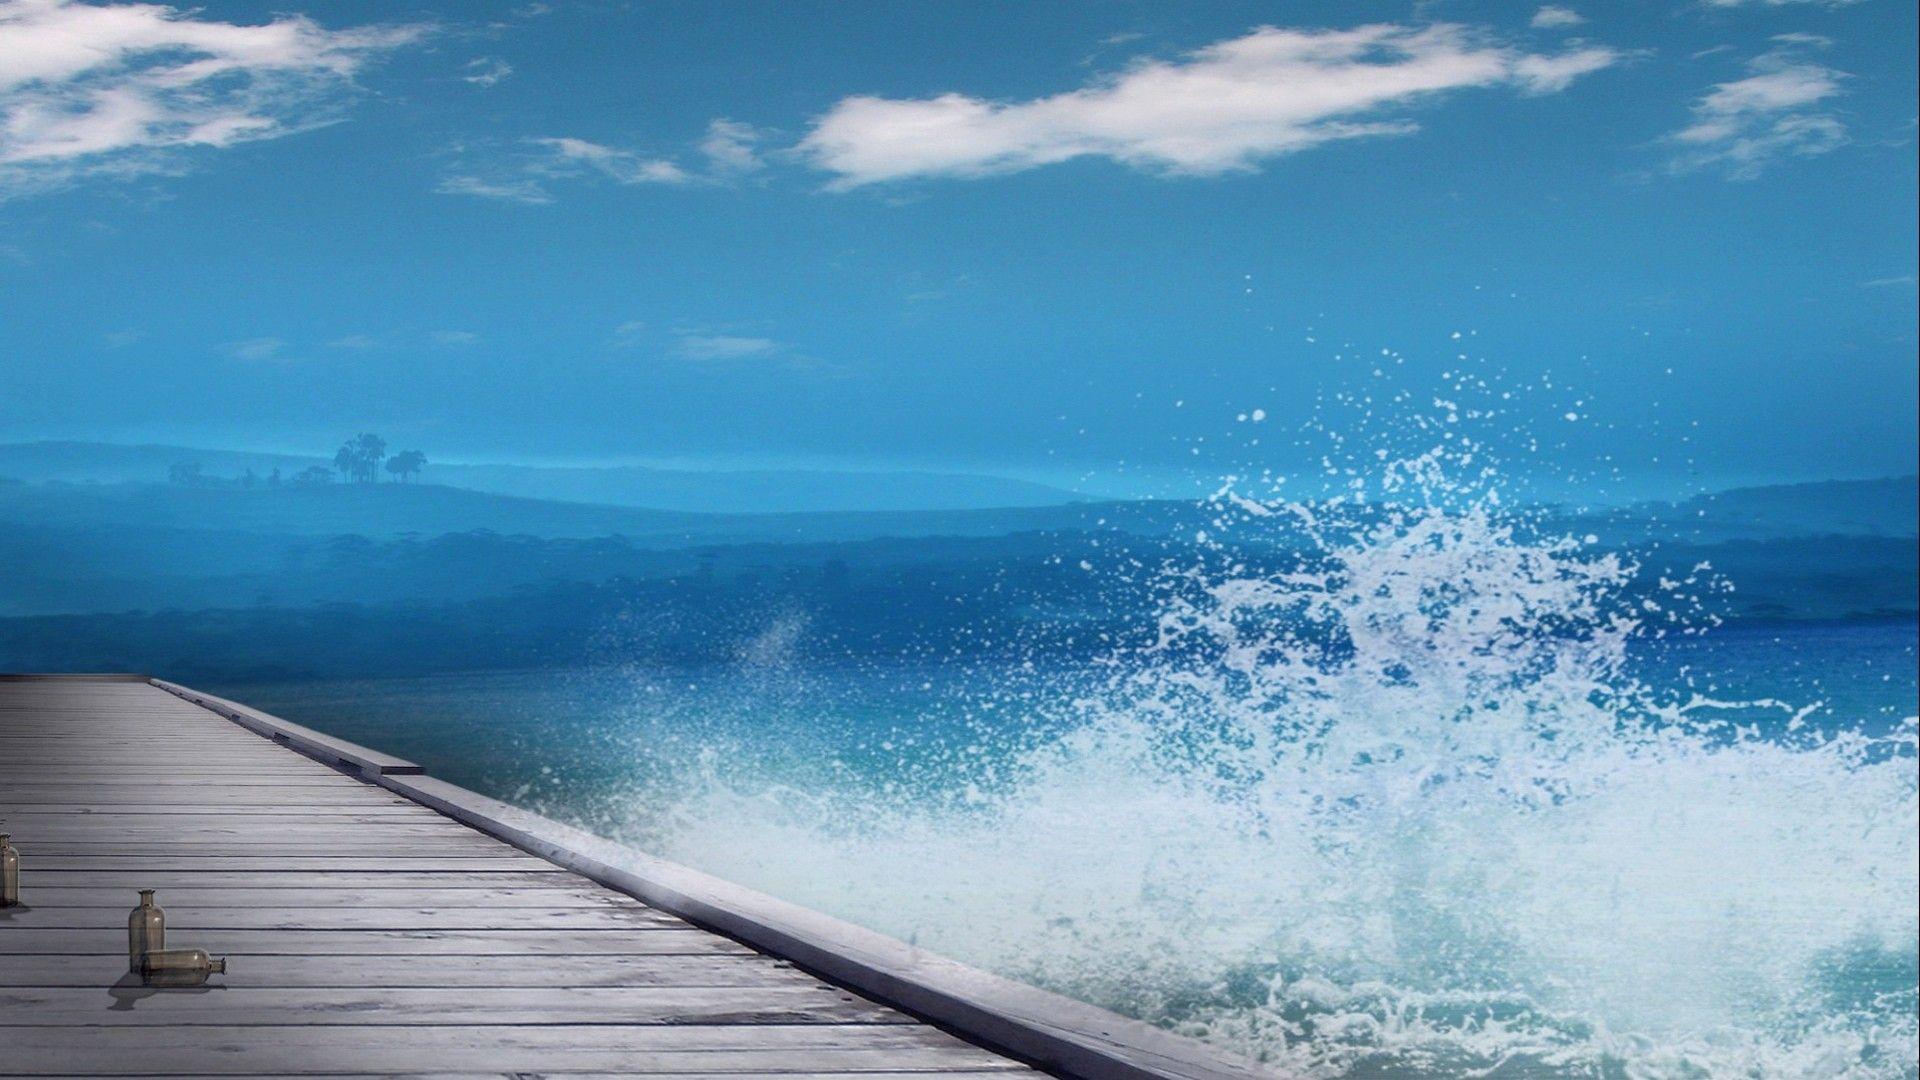 Widescreen Desktop Wallpapers Top Free Widescreen Desktop